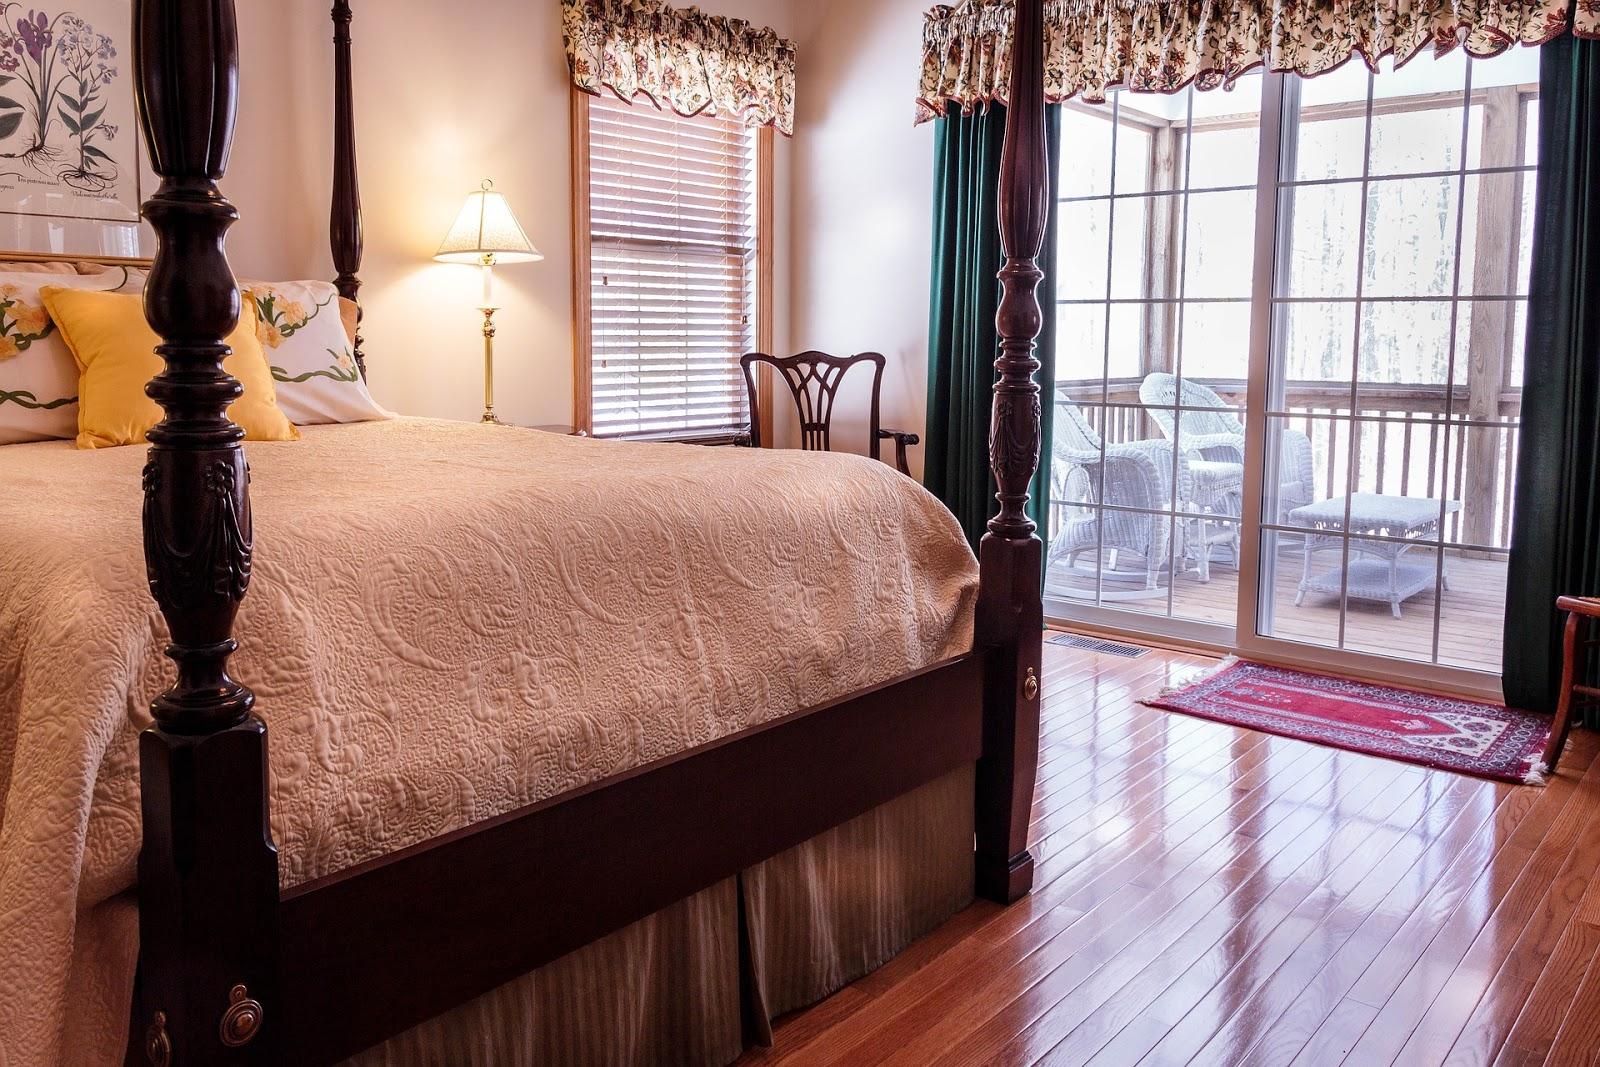 Bettüberwurf im Landhausstil: behagliche Tagesdecken mit Stil